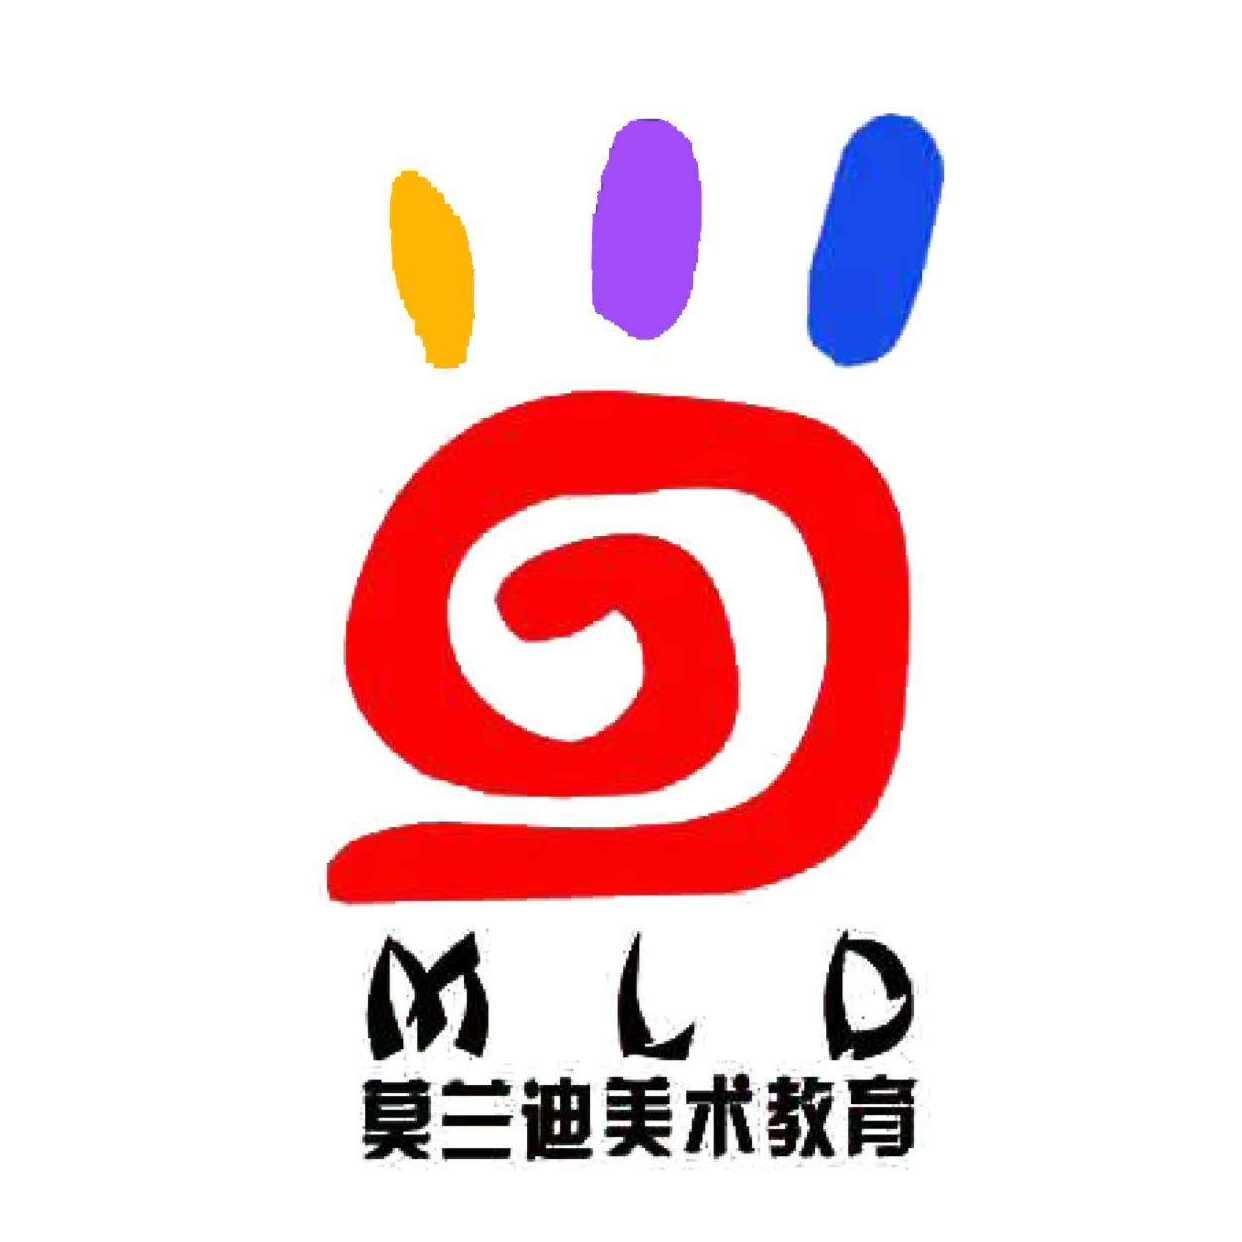 莫兰迪美术教育咨询有限公司